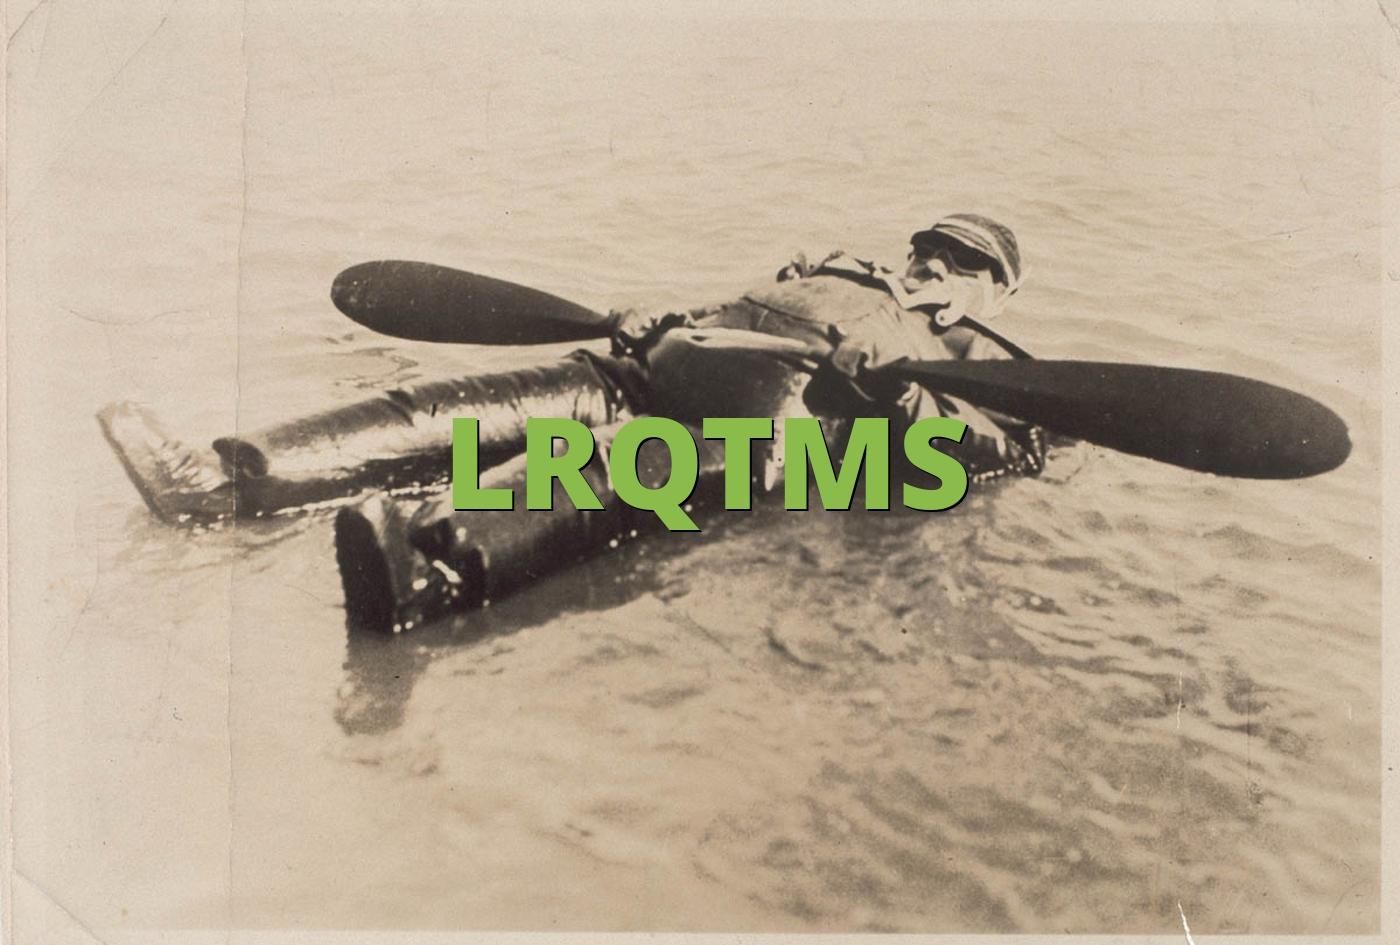 LRQTMS